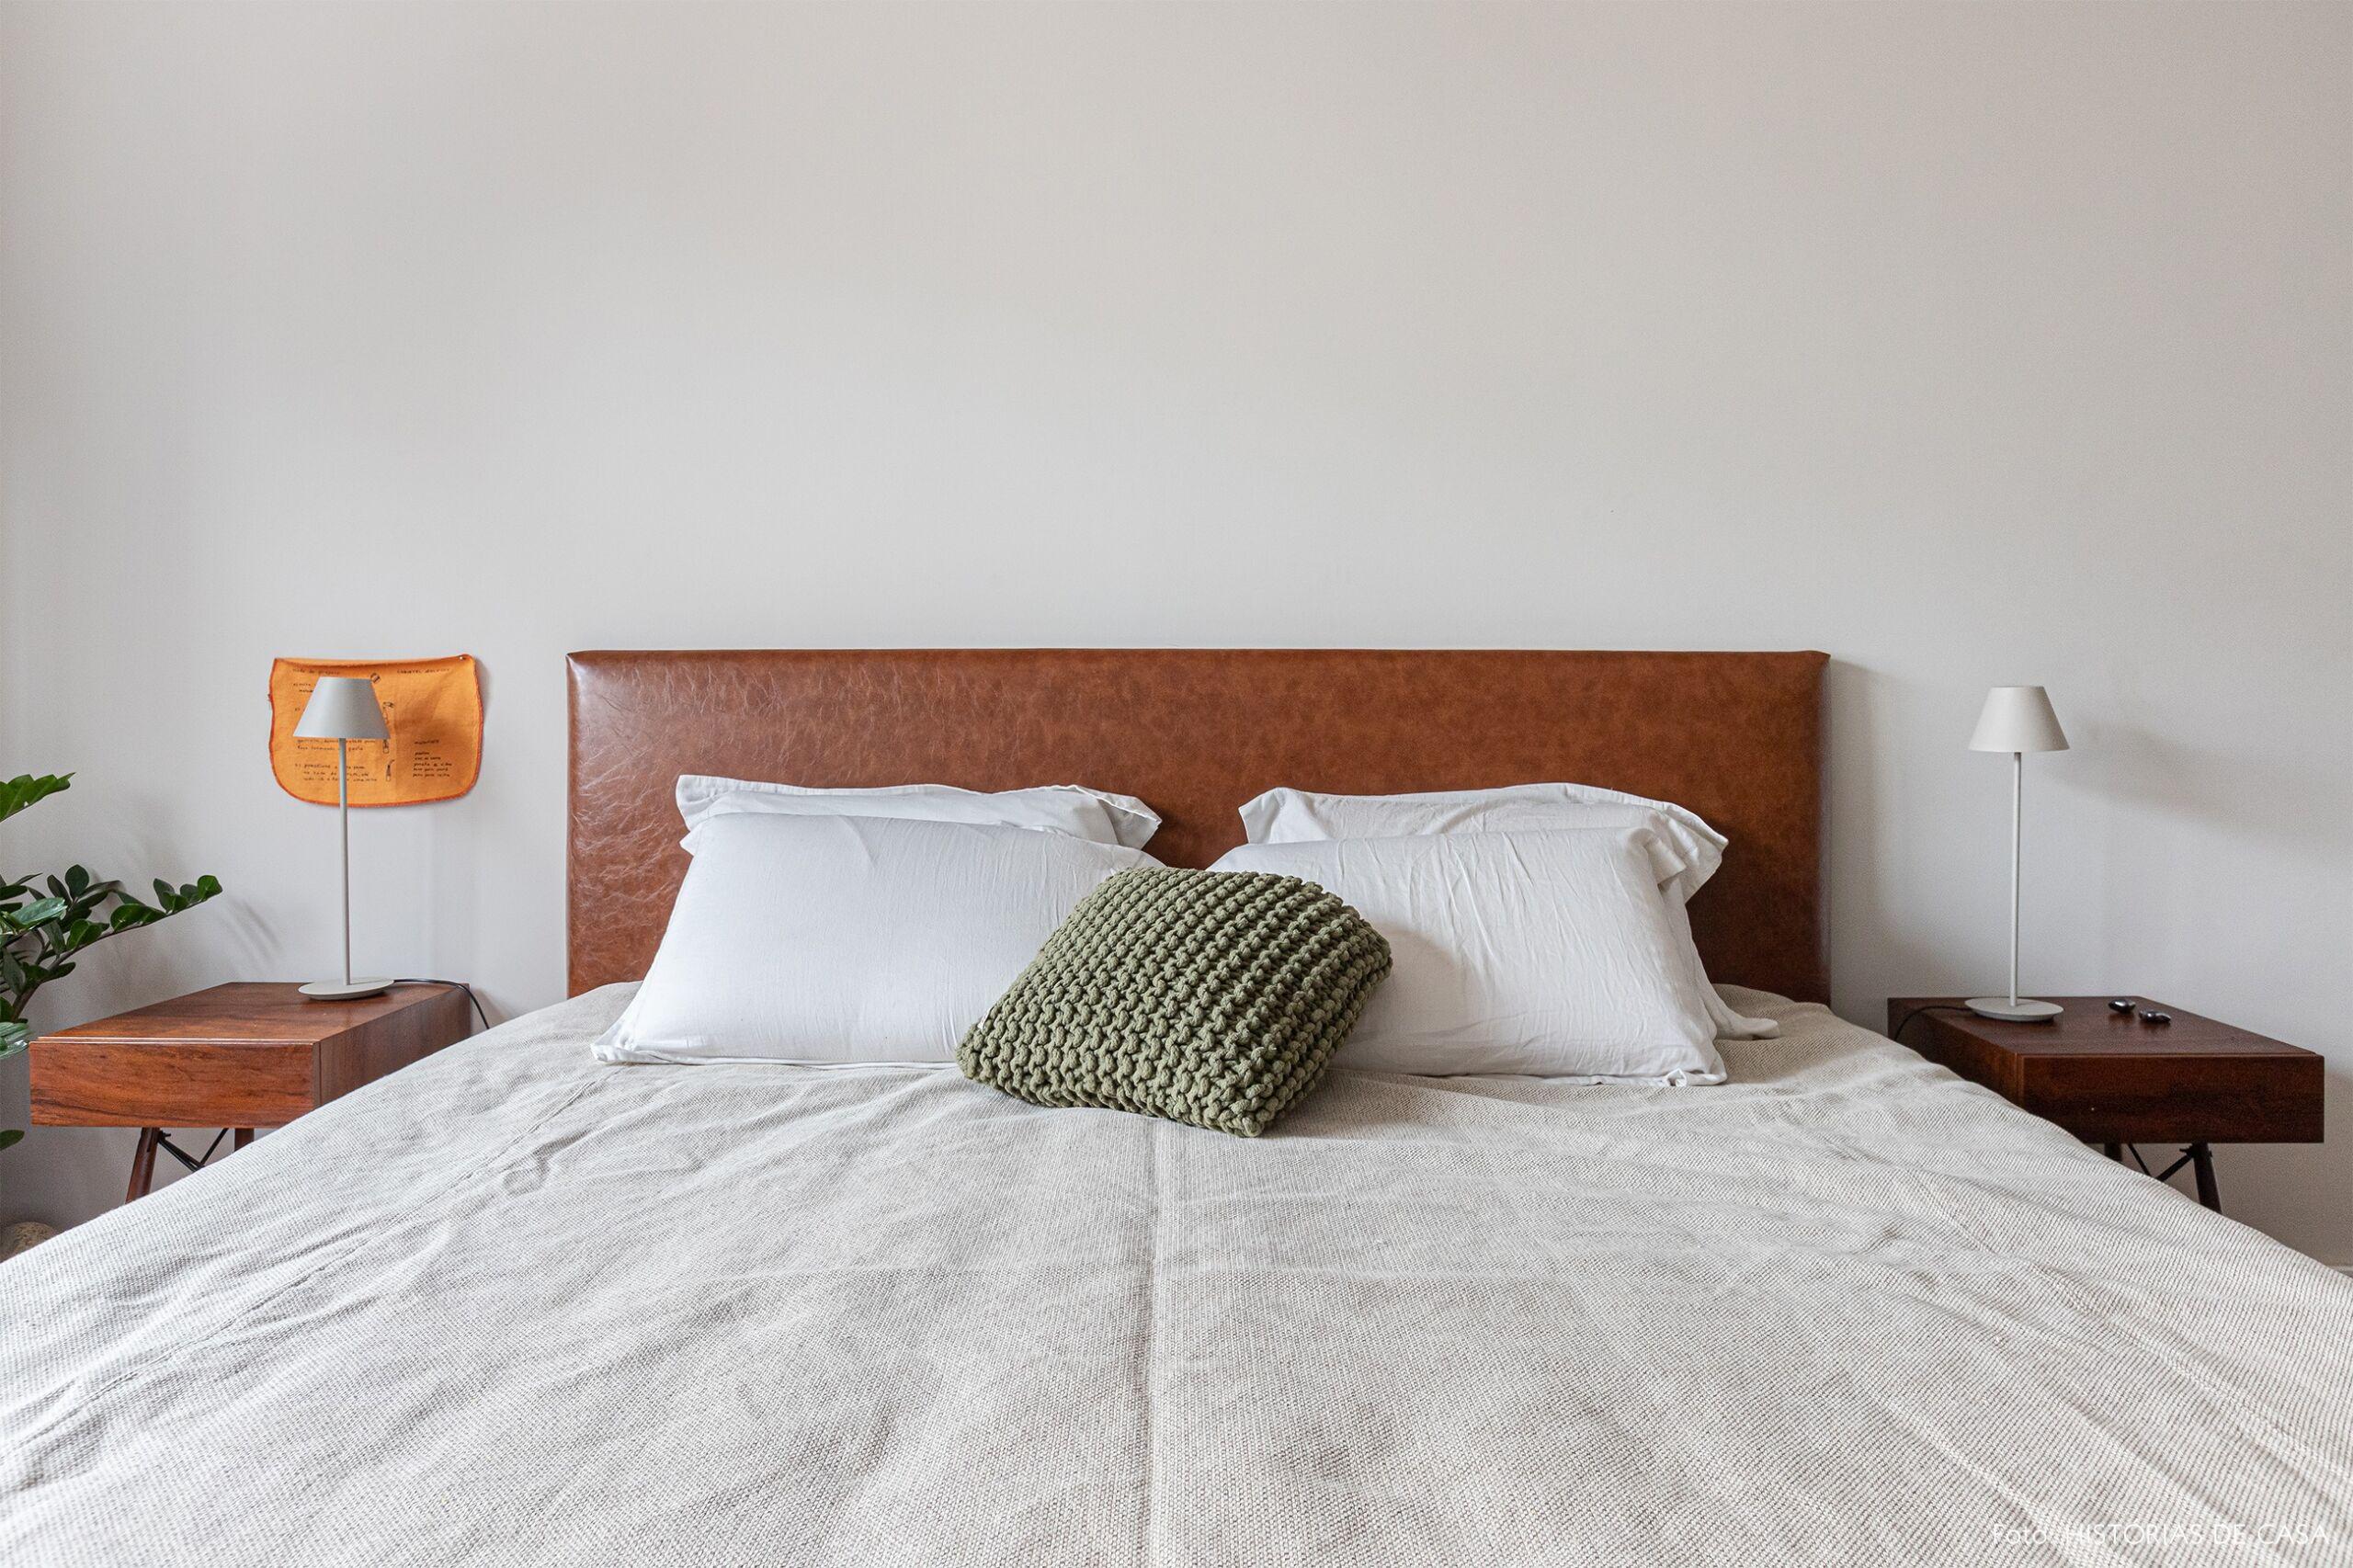 quarto-branco-cama-cabiceira-madeira-mesas-madeira